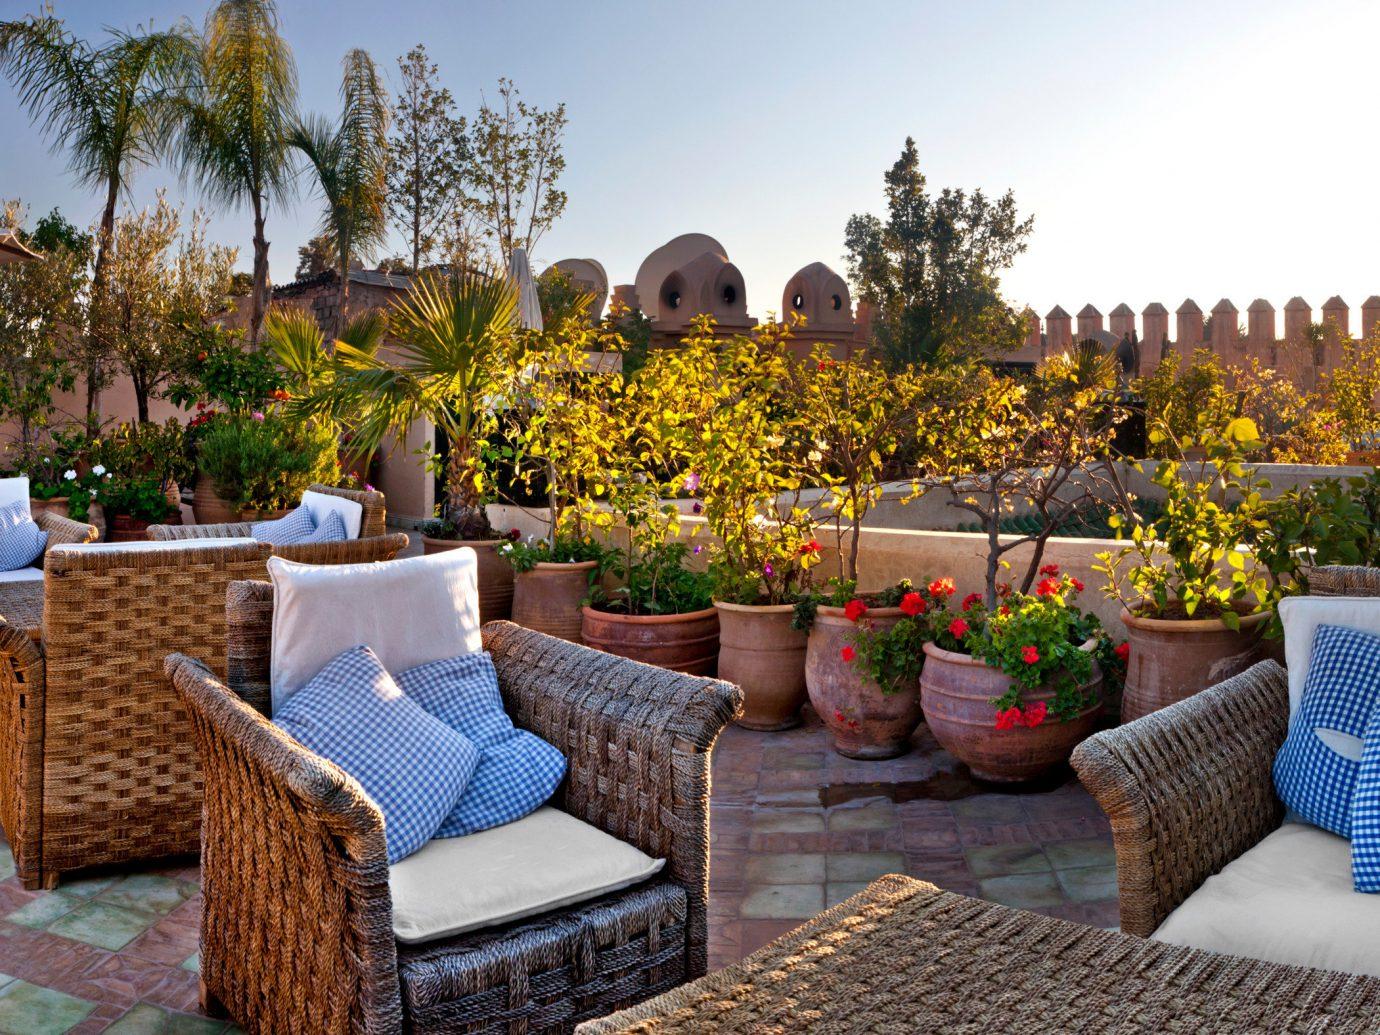 Outdoor space at Dar Les Cigognes, Marrakech, Morocco